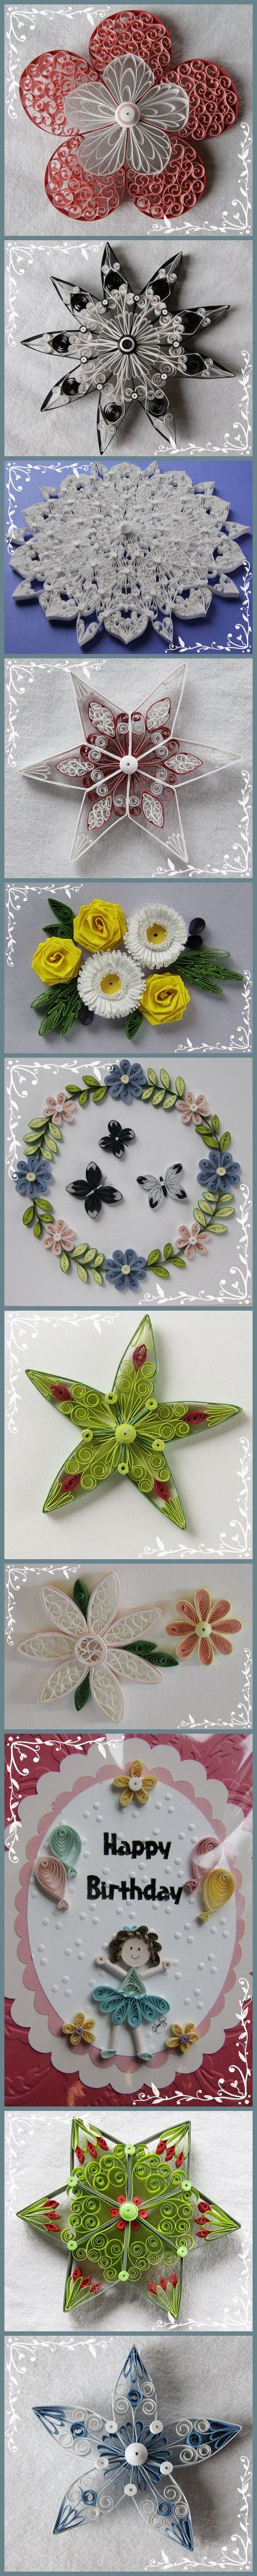 Paper art - making flowers idea